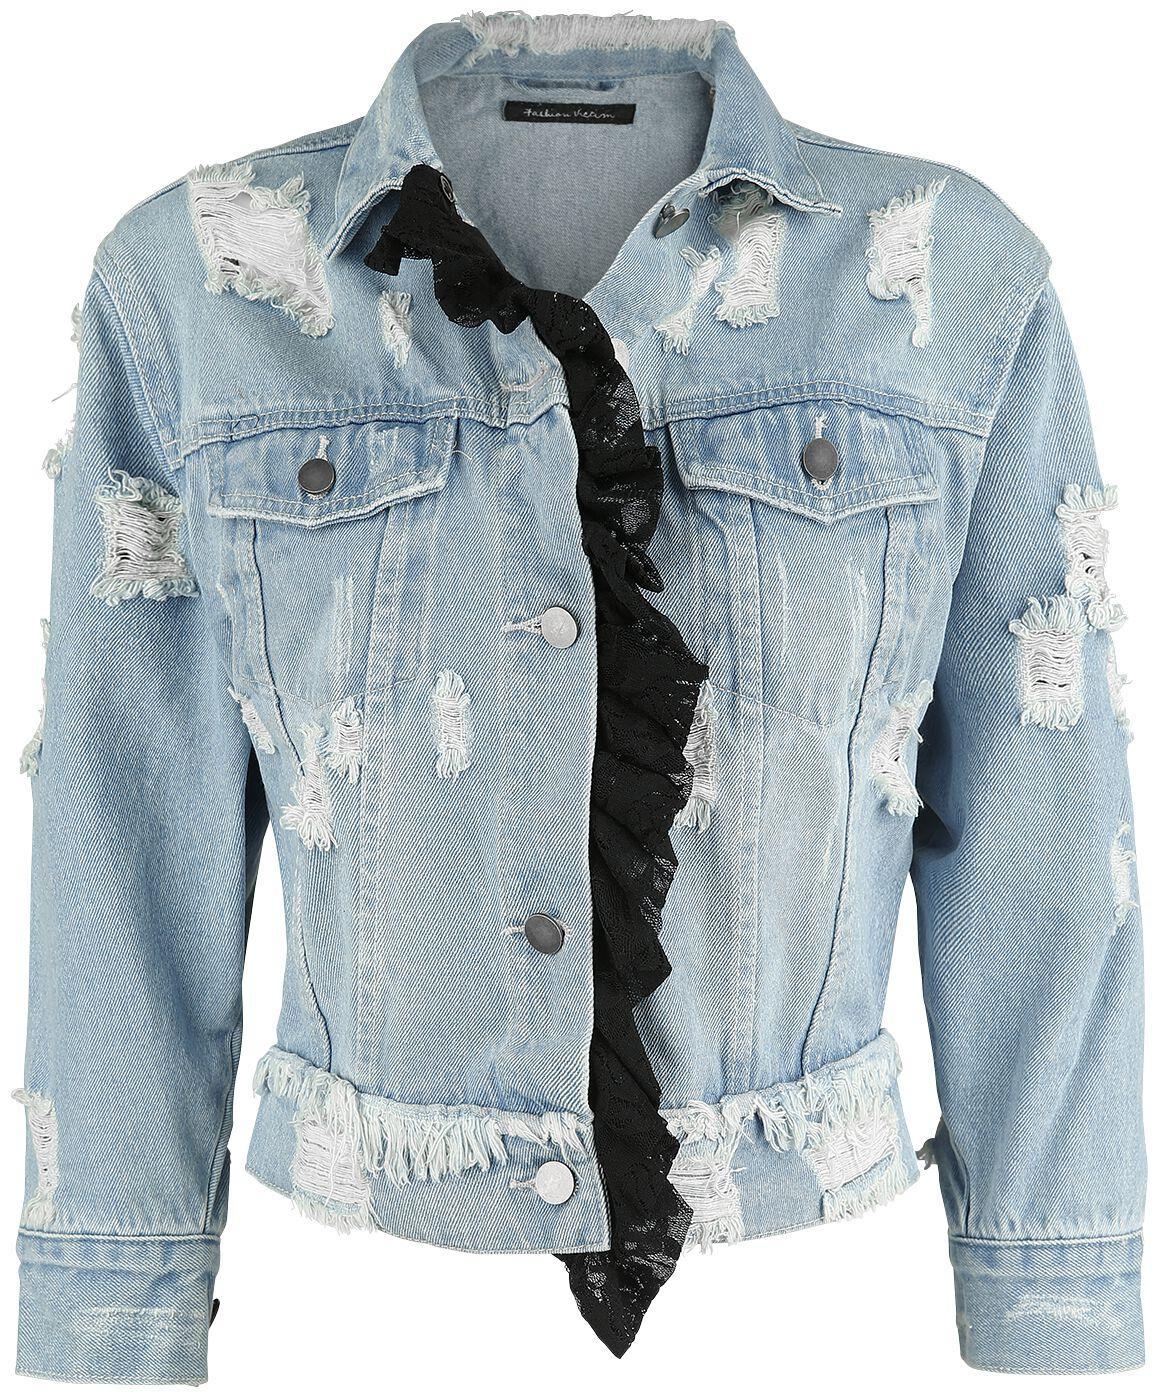 Image of   Fashion Victim Jeansjacke mit Destroyed Effekt Girlie jeansjakke blå